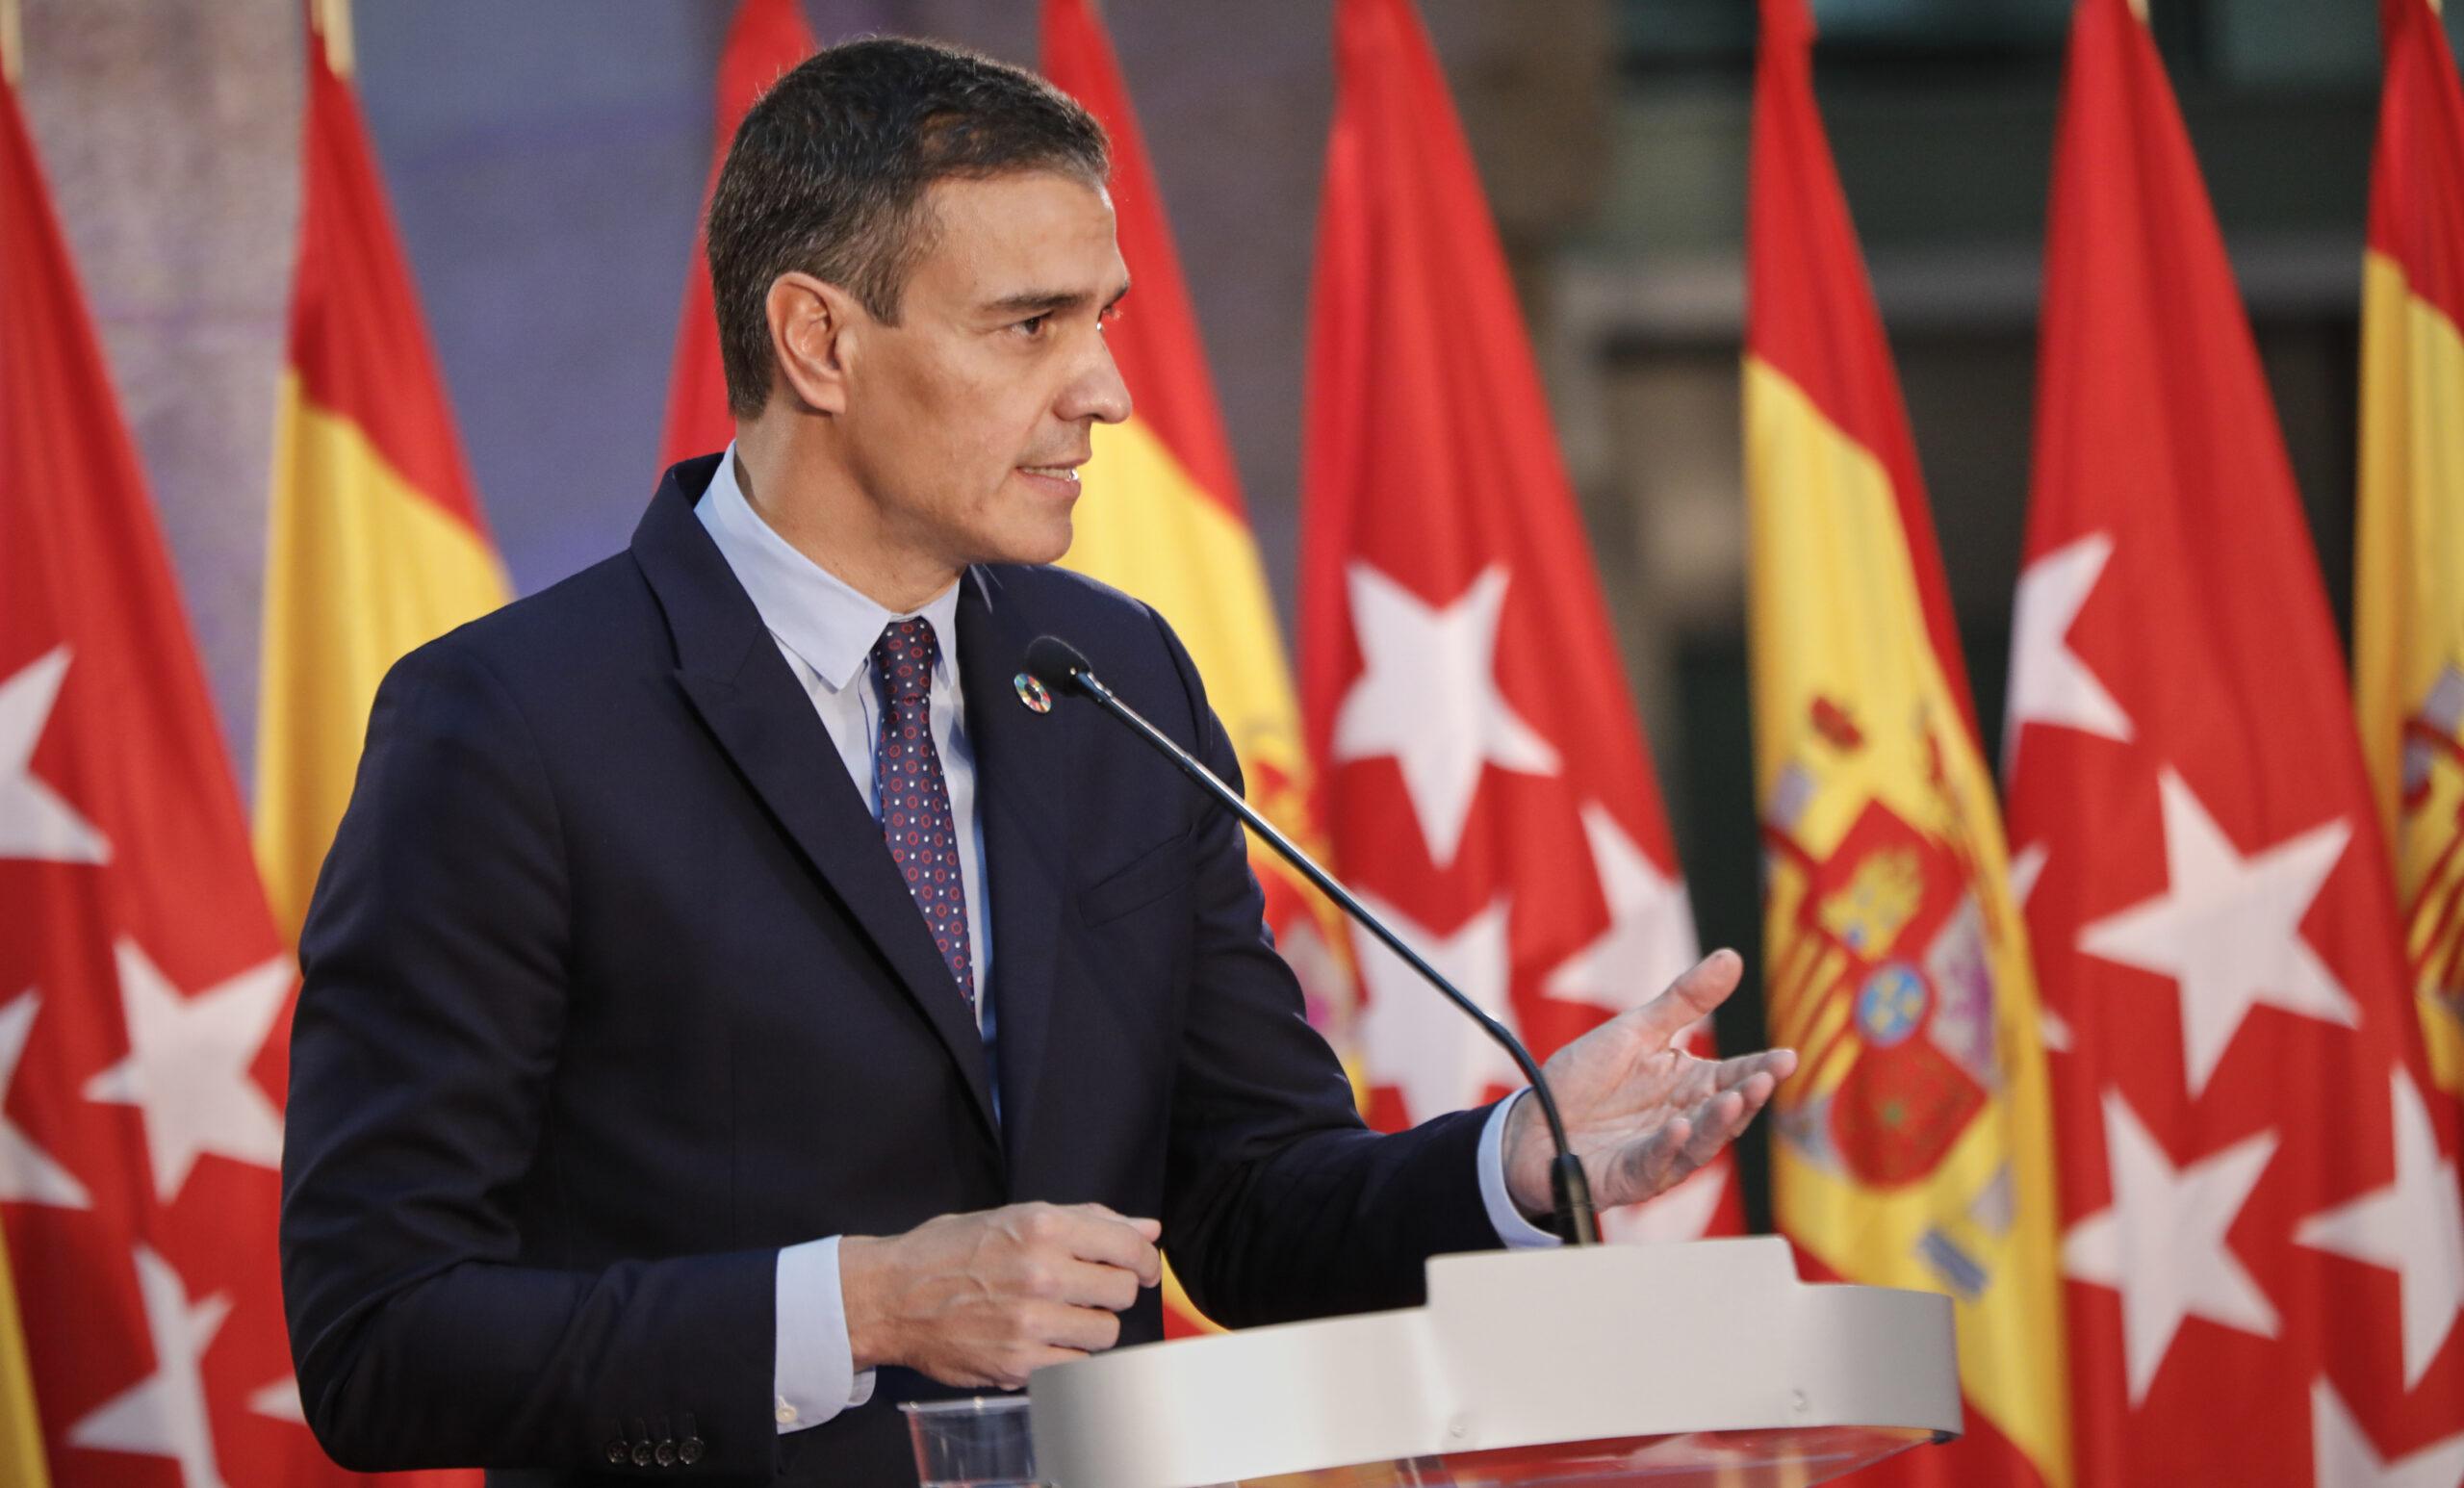 Pedro Sánchez, president del govern espanyol, en un acte recent / Jesús Hellín (Europa Press)